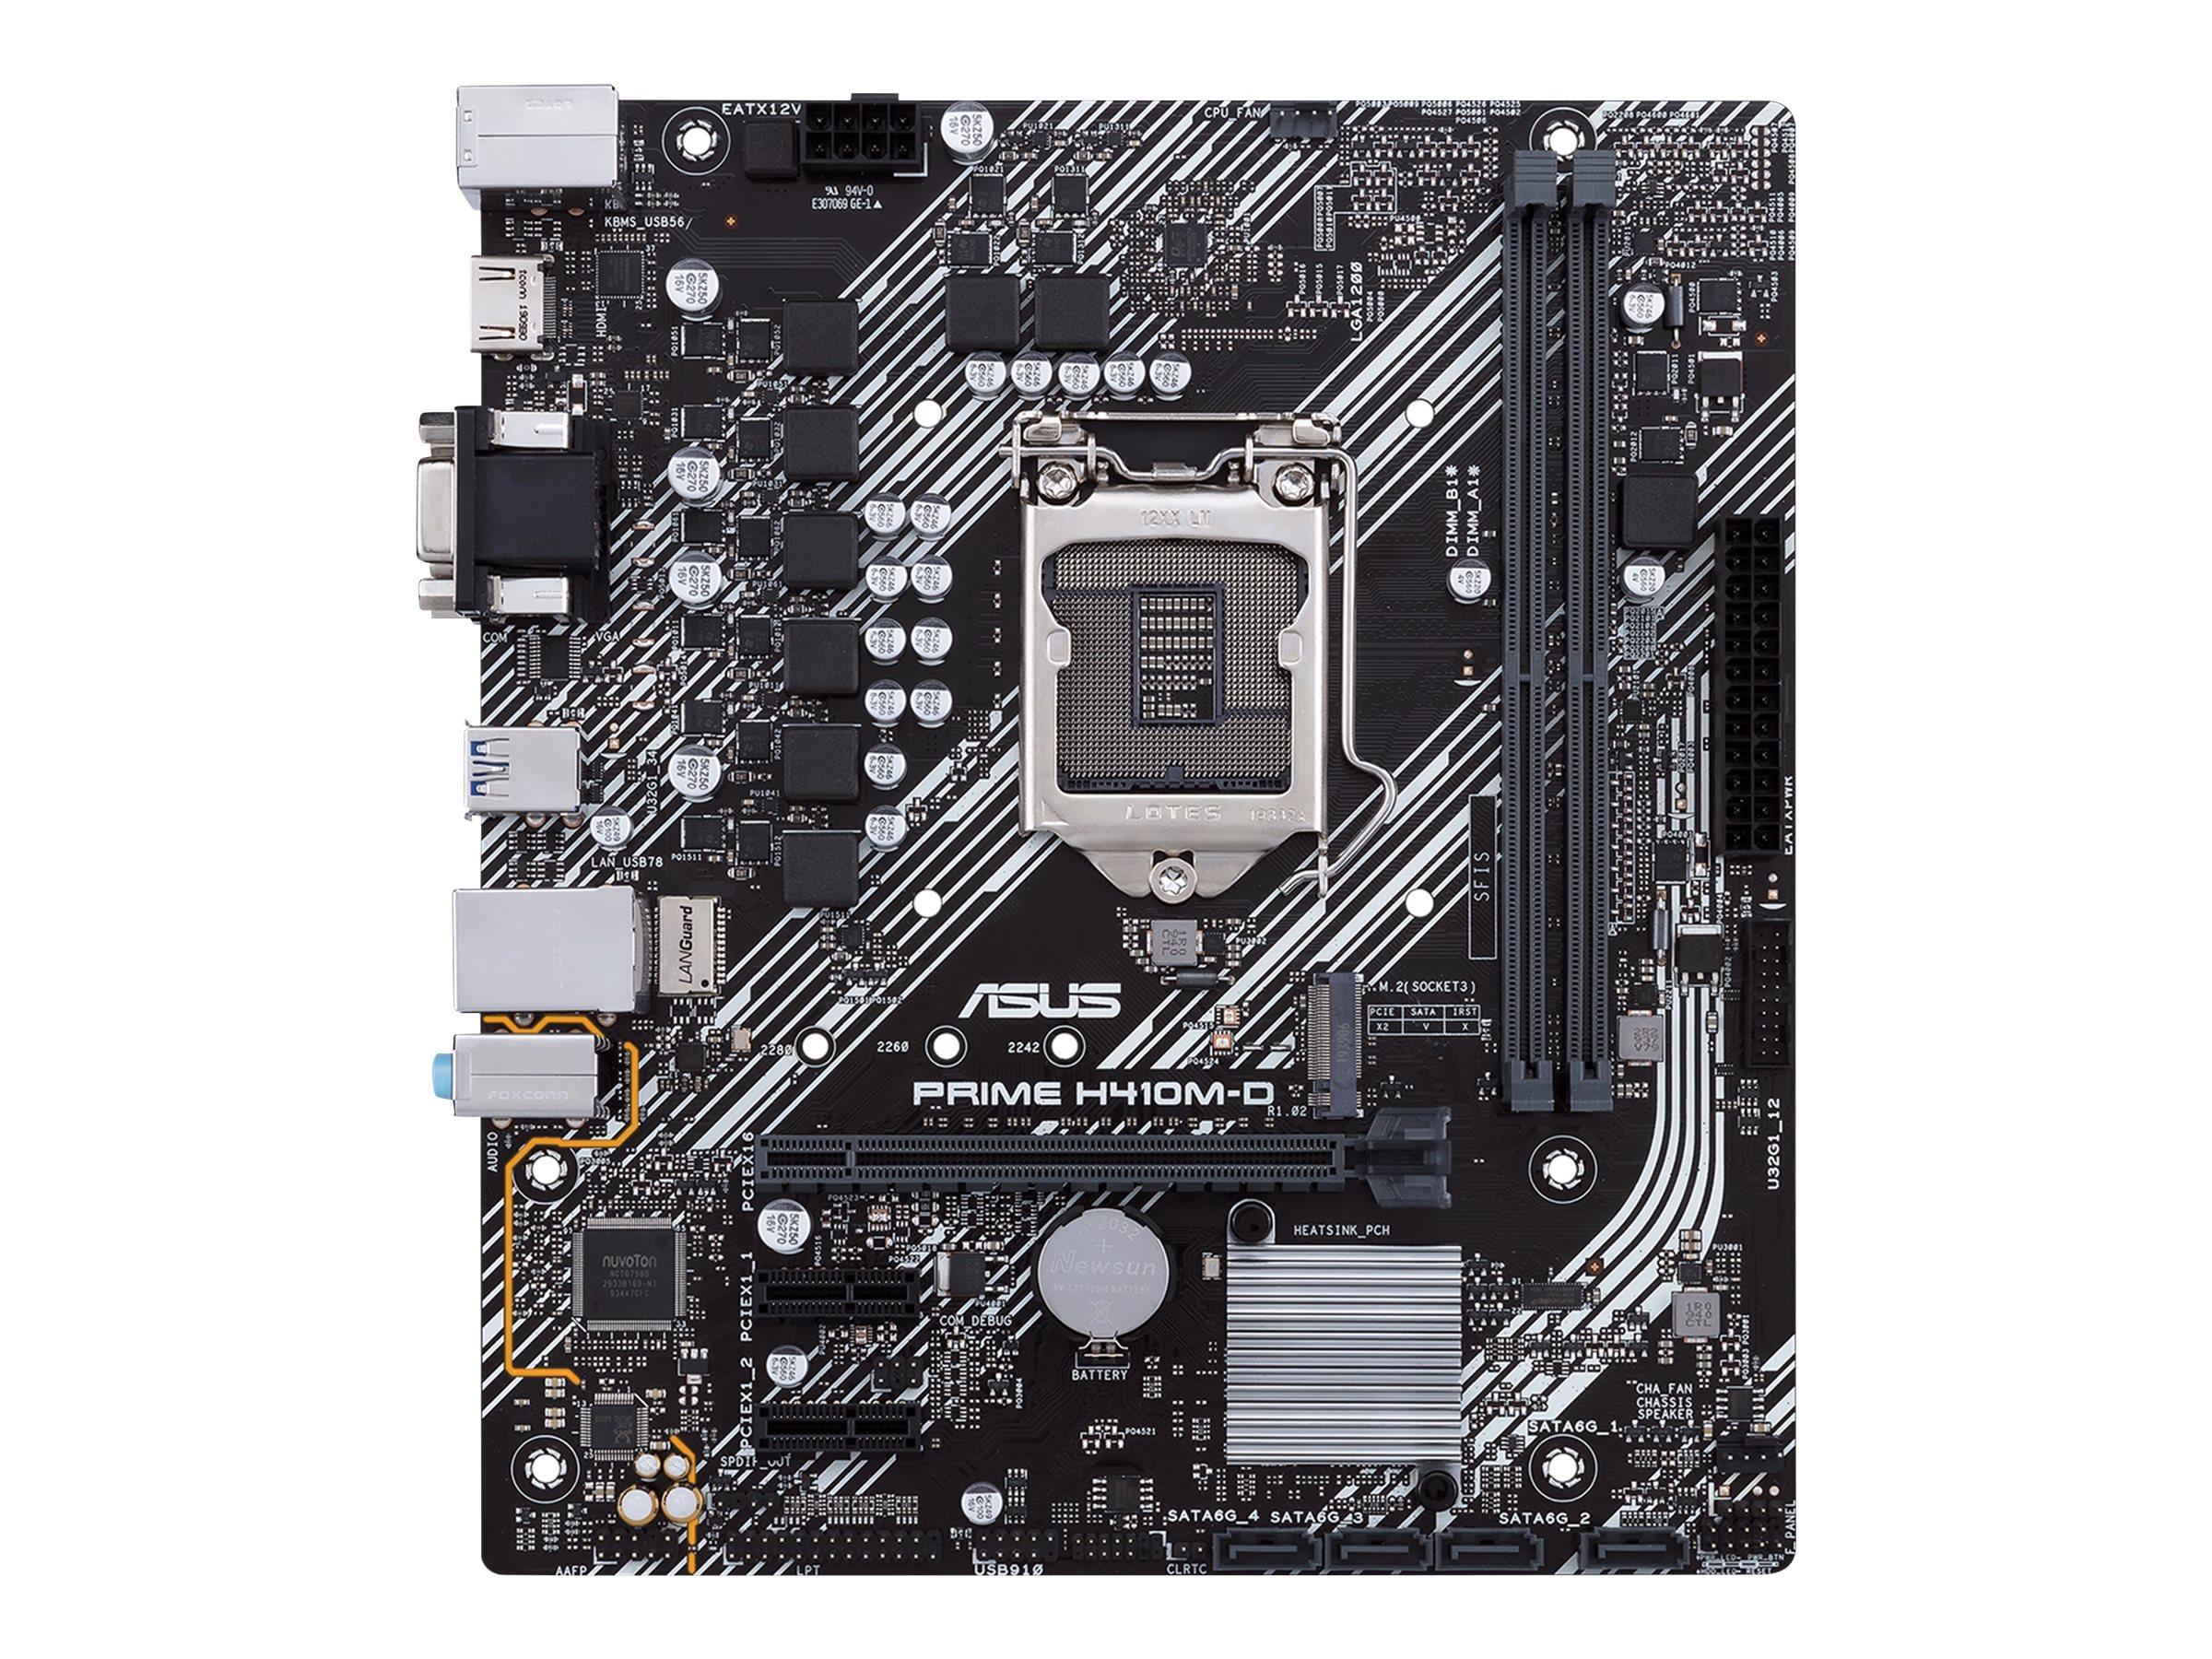 ASUS PRIME H410M-D - Motherboard - micro ATX - LGA1200-Sockel - H410 - USB 3.2 Gen 1 - Gigabit LAN - Onboard-Grafik (CPU